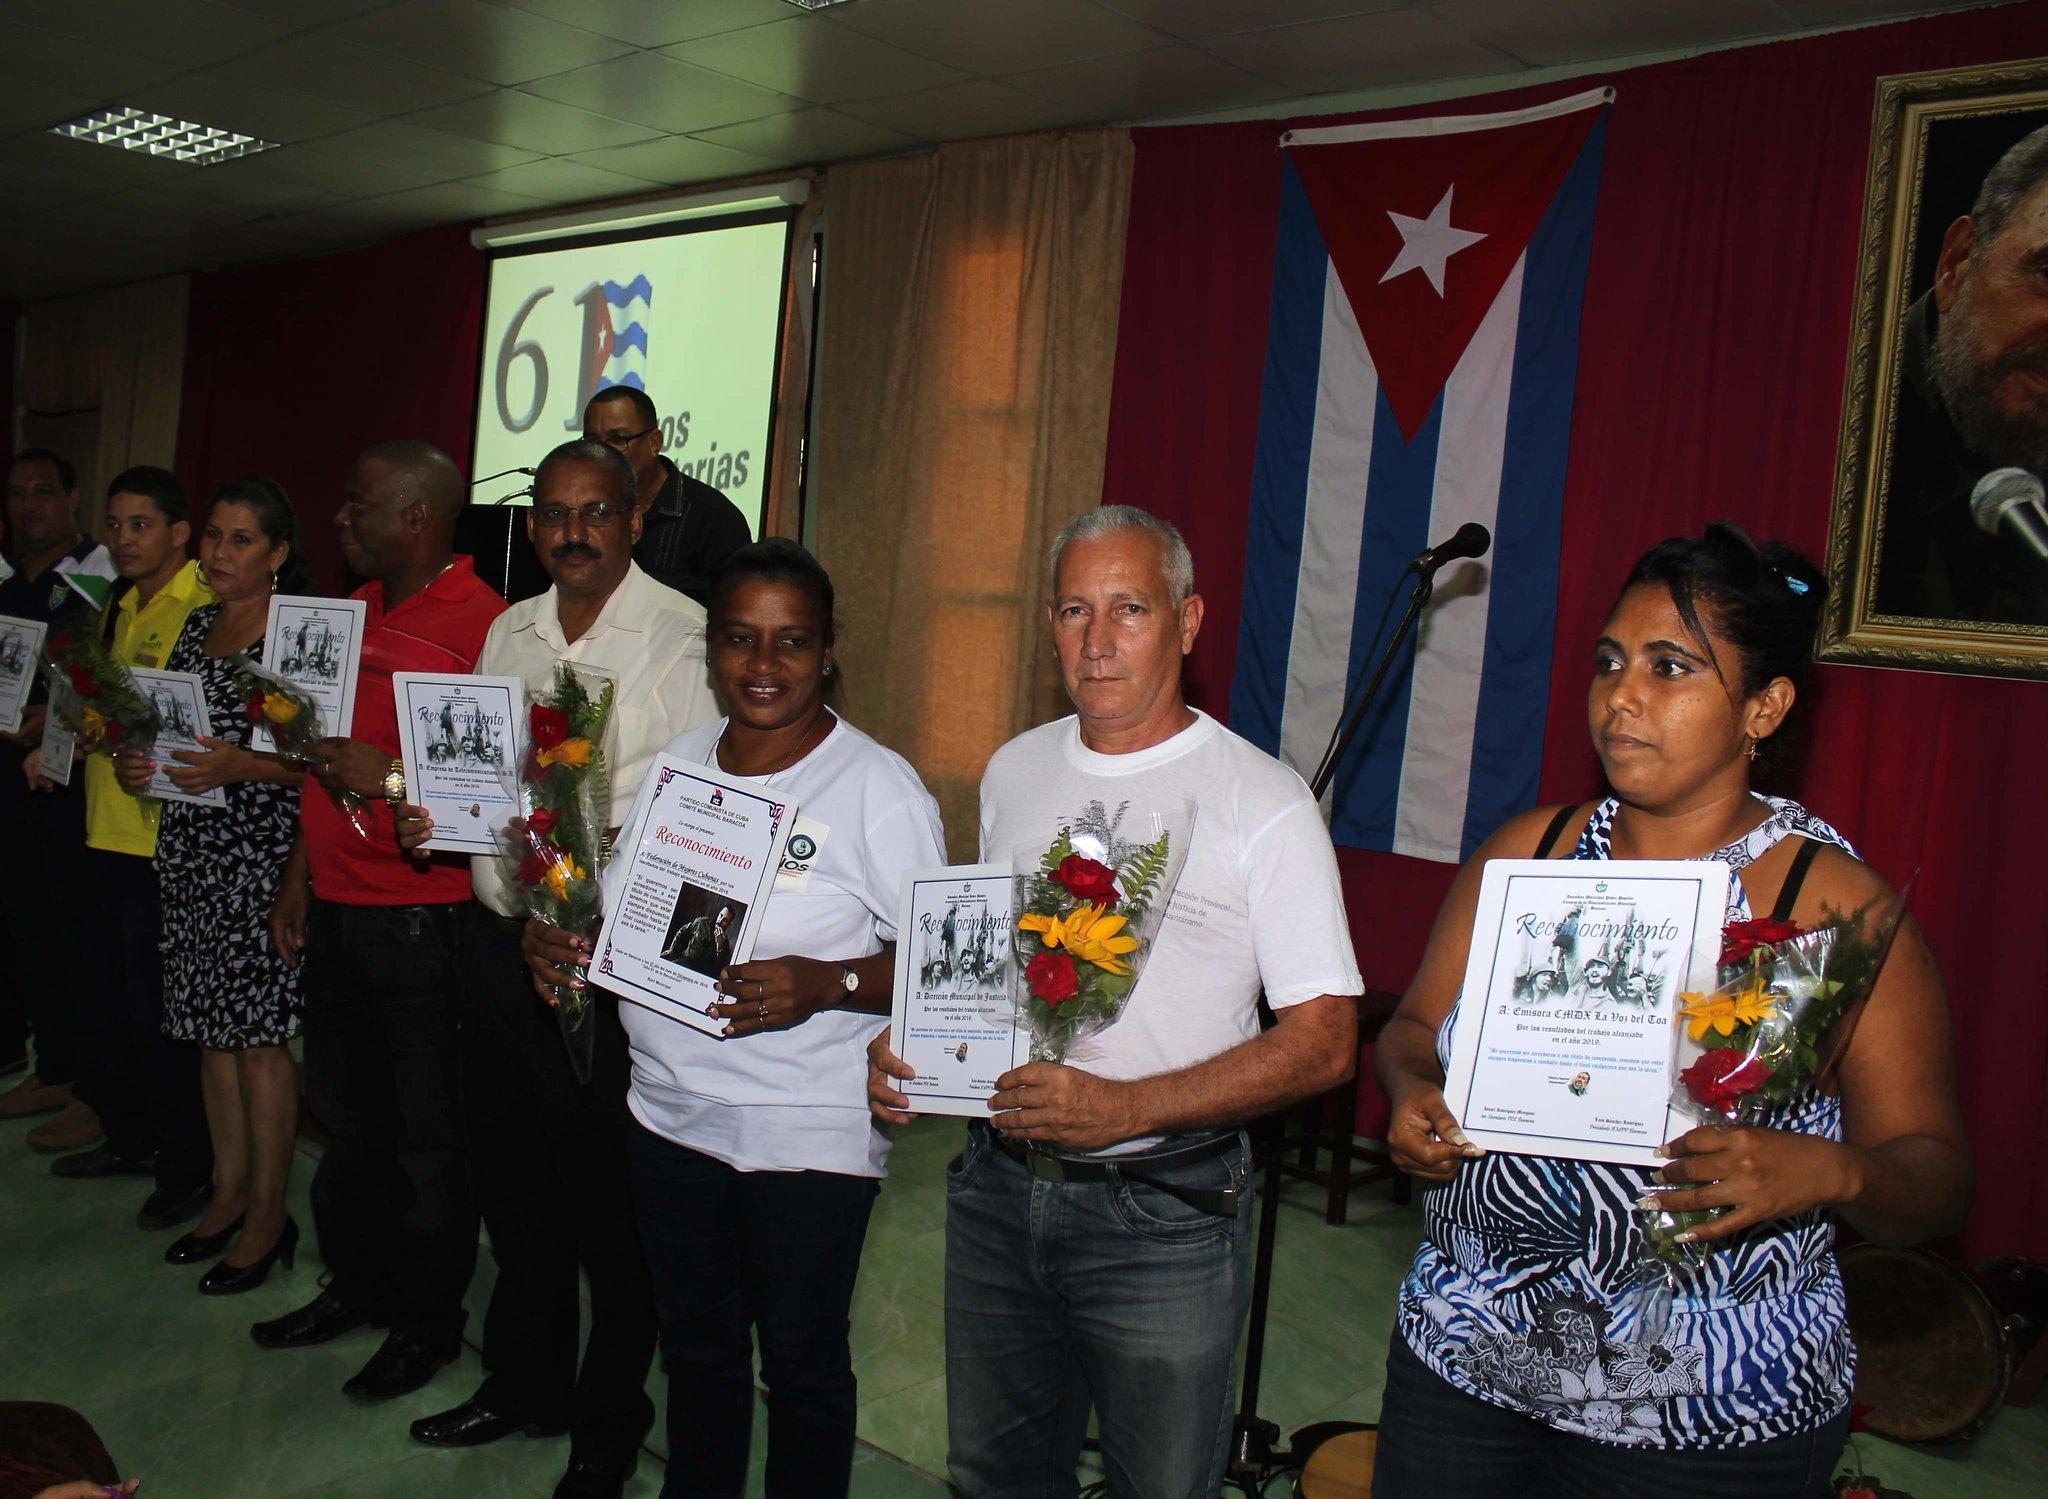 Estimulación a organismos destacados en acto por el aniversario 61 de la entrada de los rebeldes a Baracoa